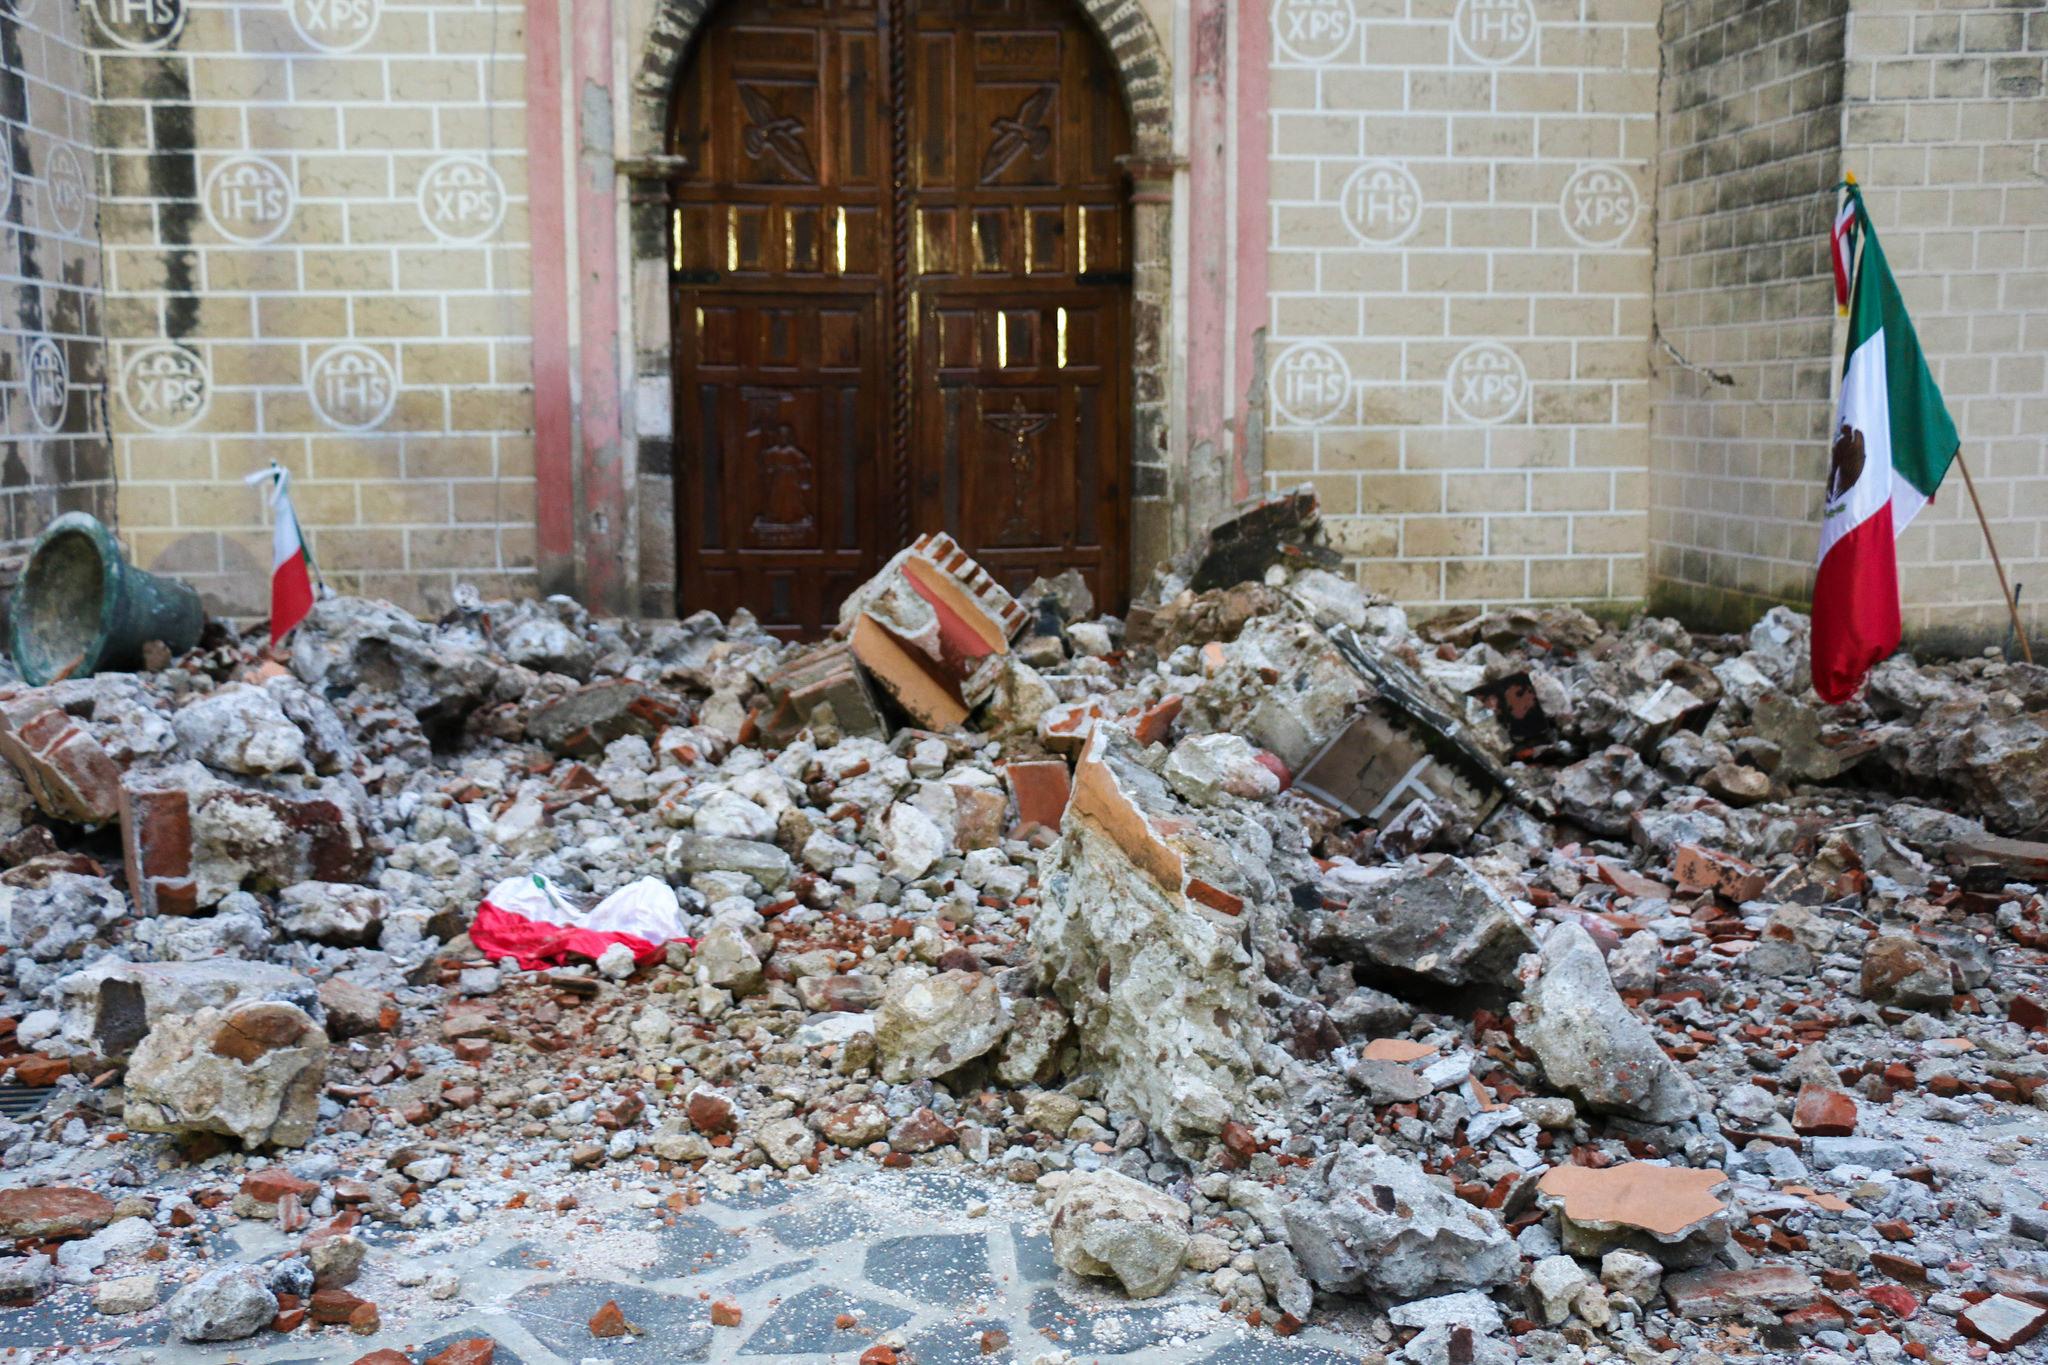 A un mes del 19s. se registran daños en 996 Iglesias